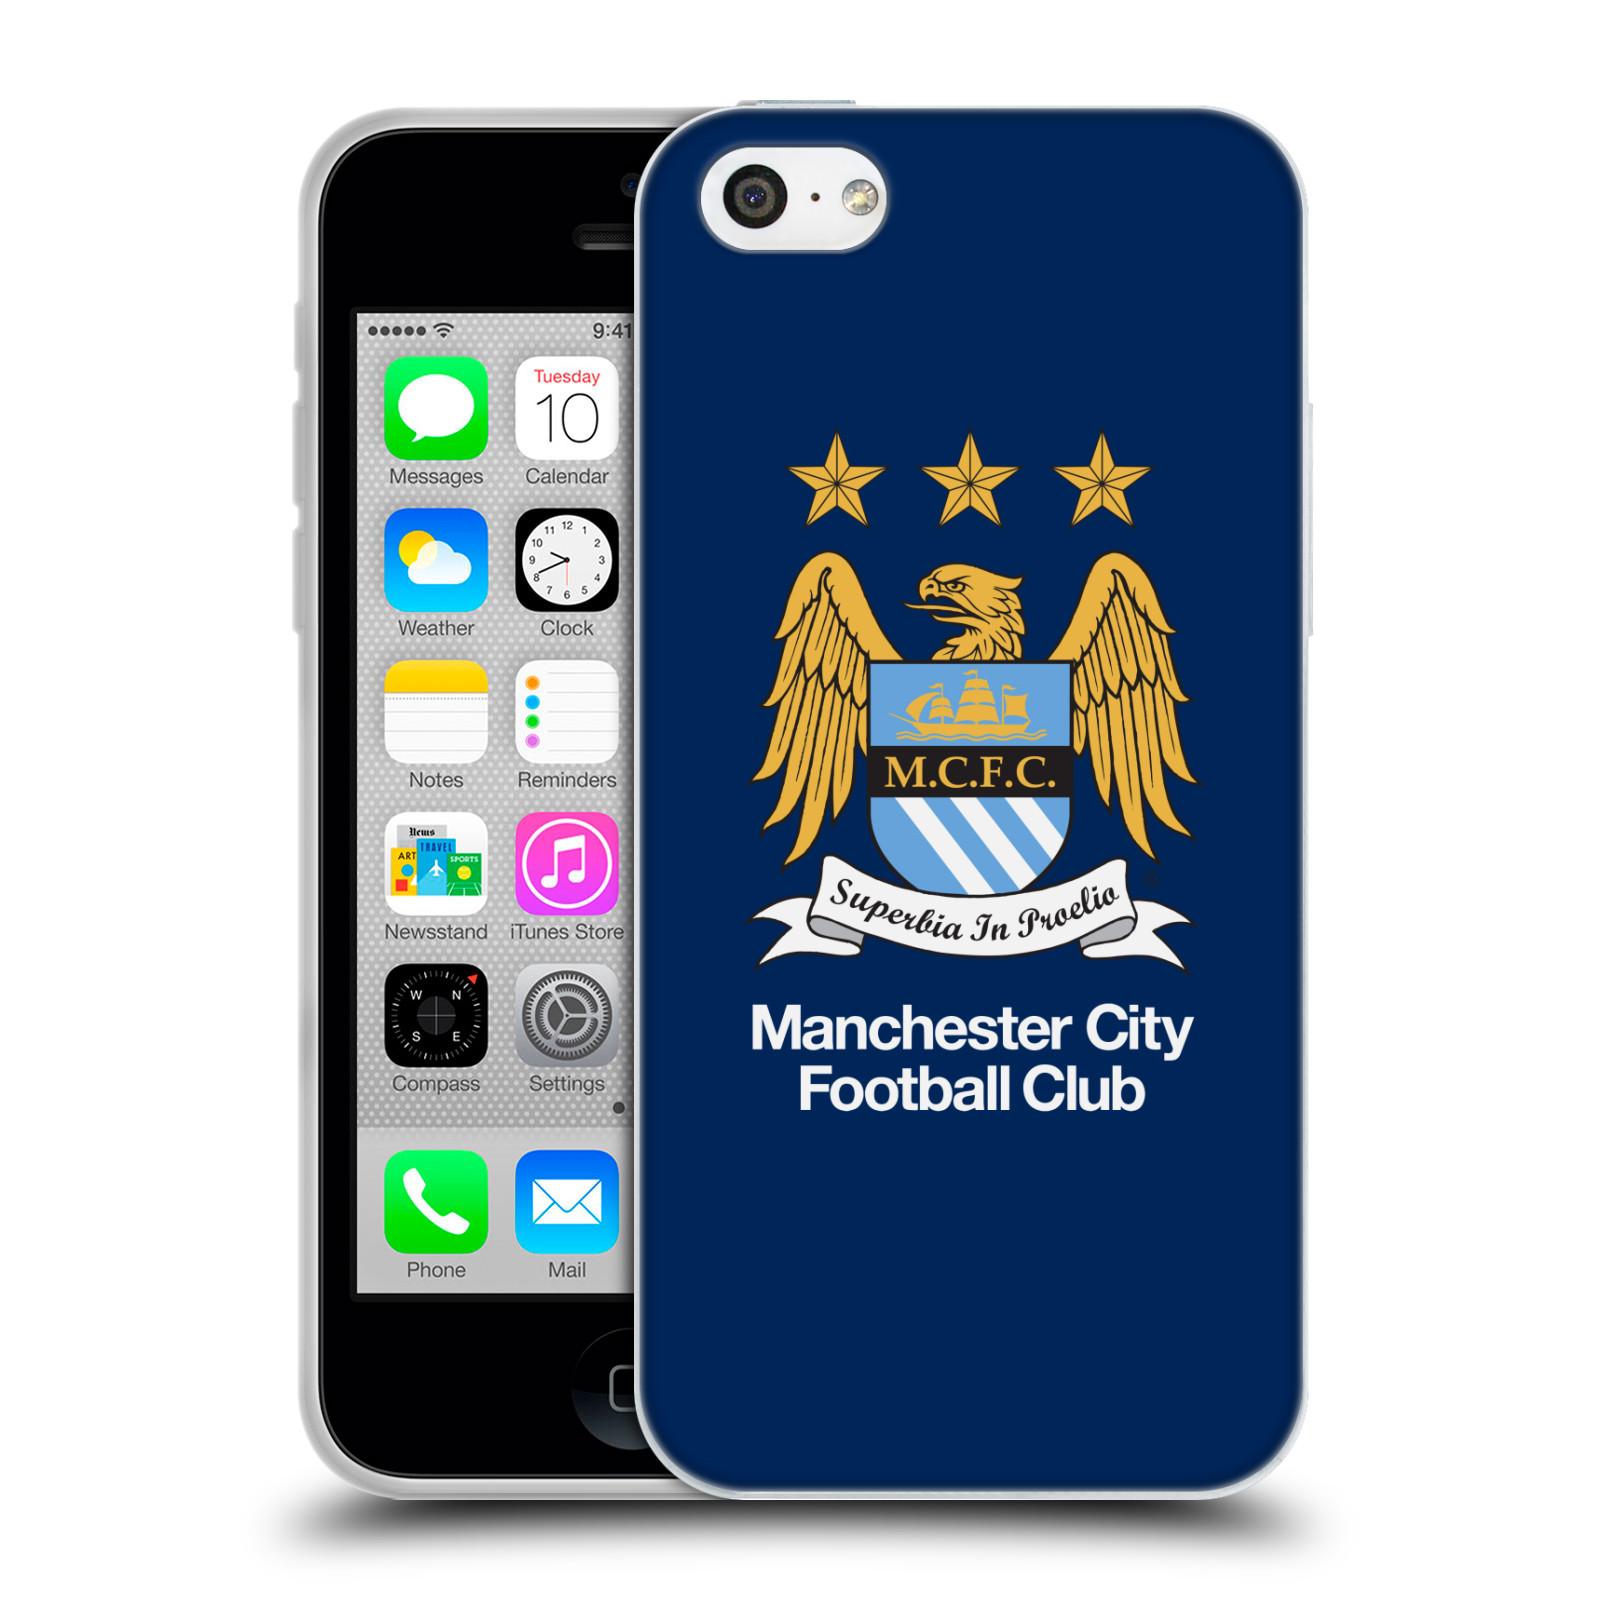 HEAD CASE silikonový obal na mobil Apple Iphone 5C Fotbalový klub Manchester City modré pozadí velký znak